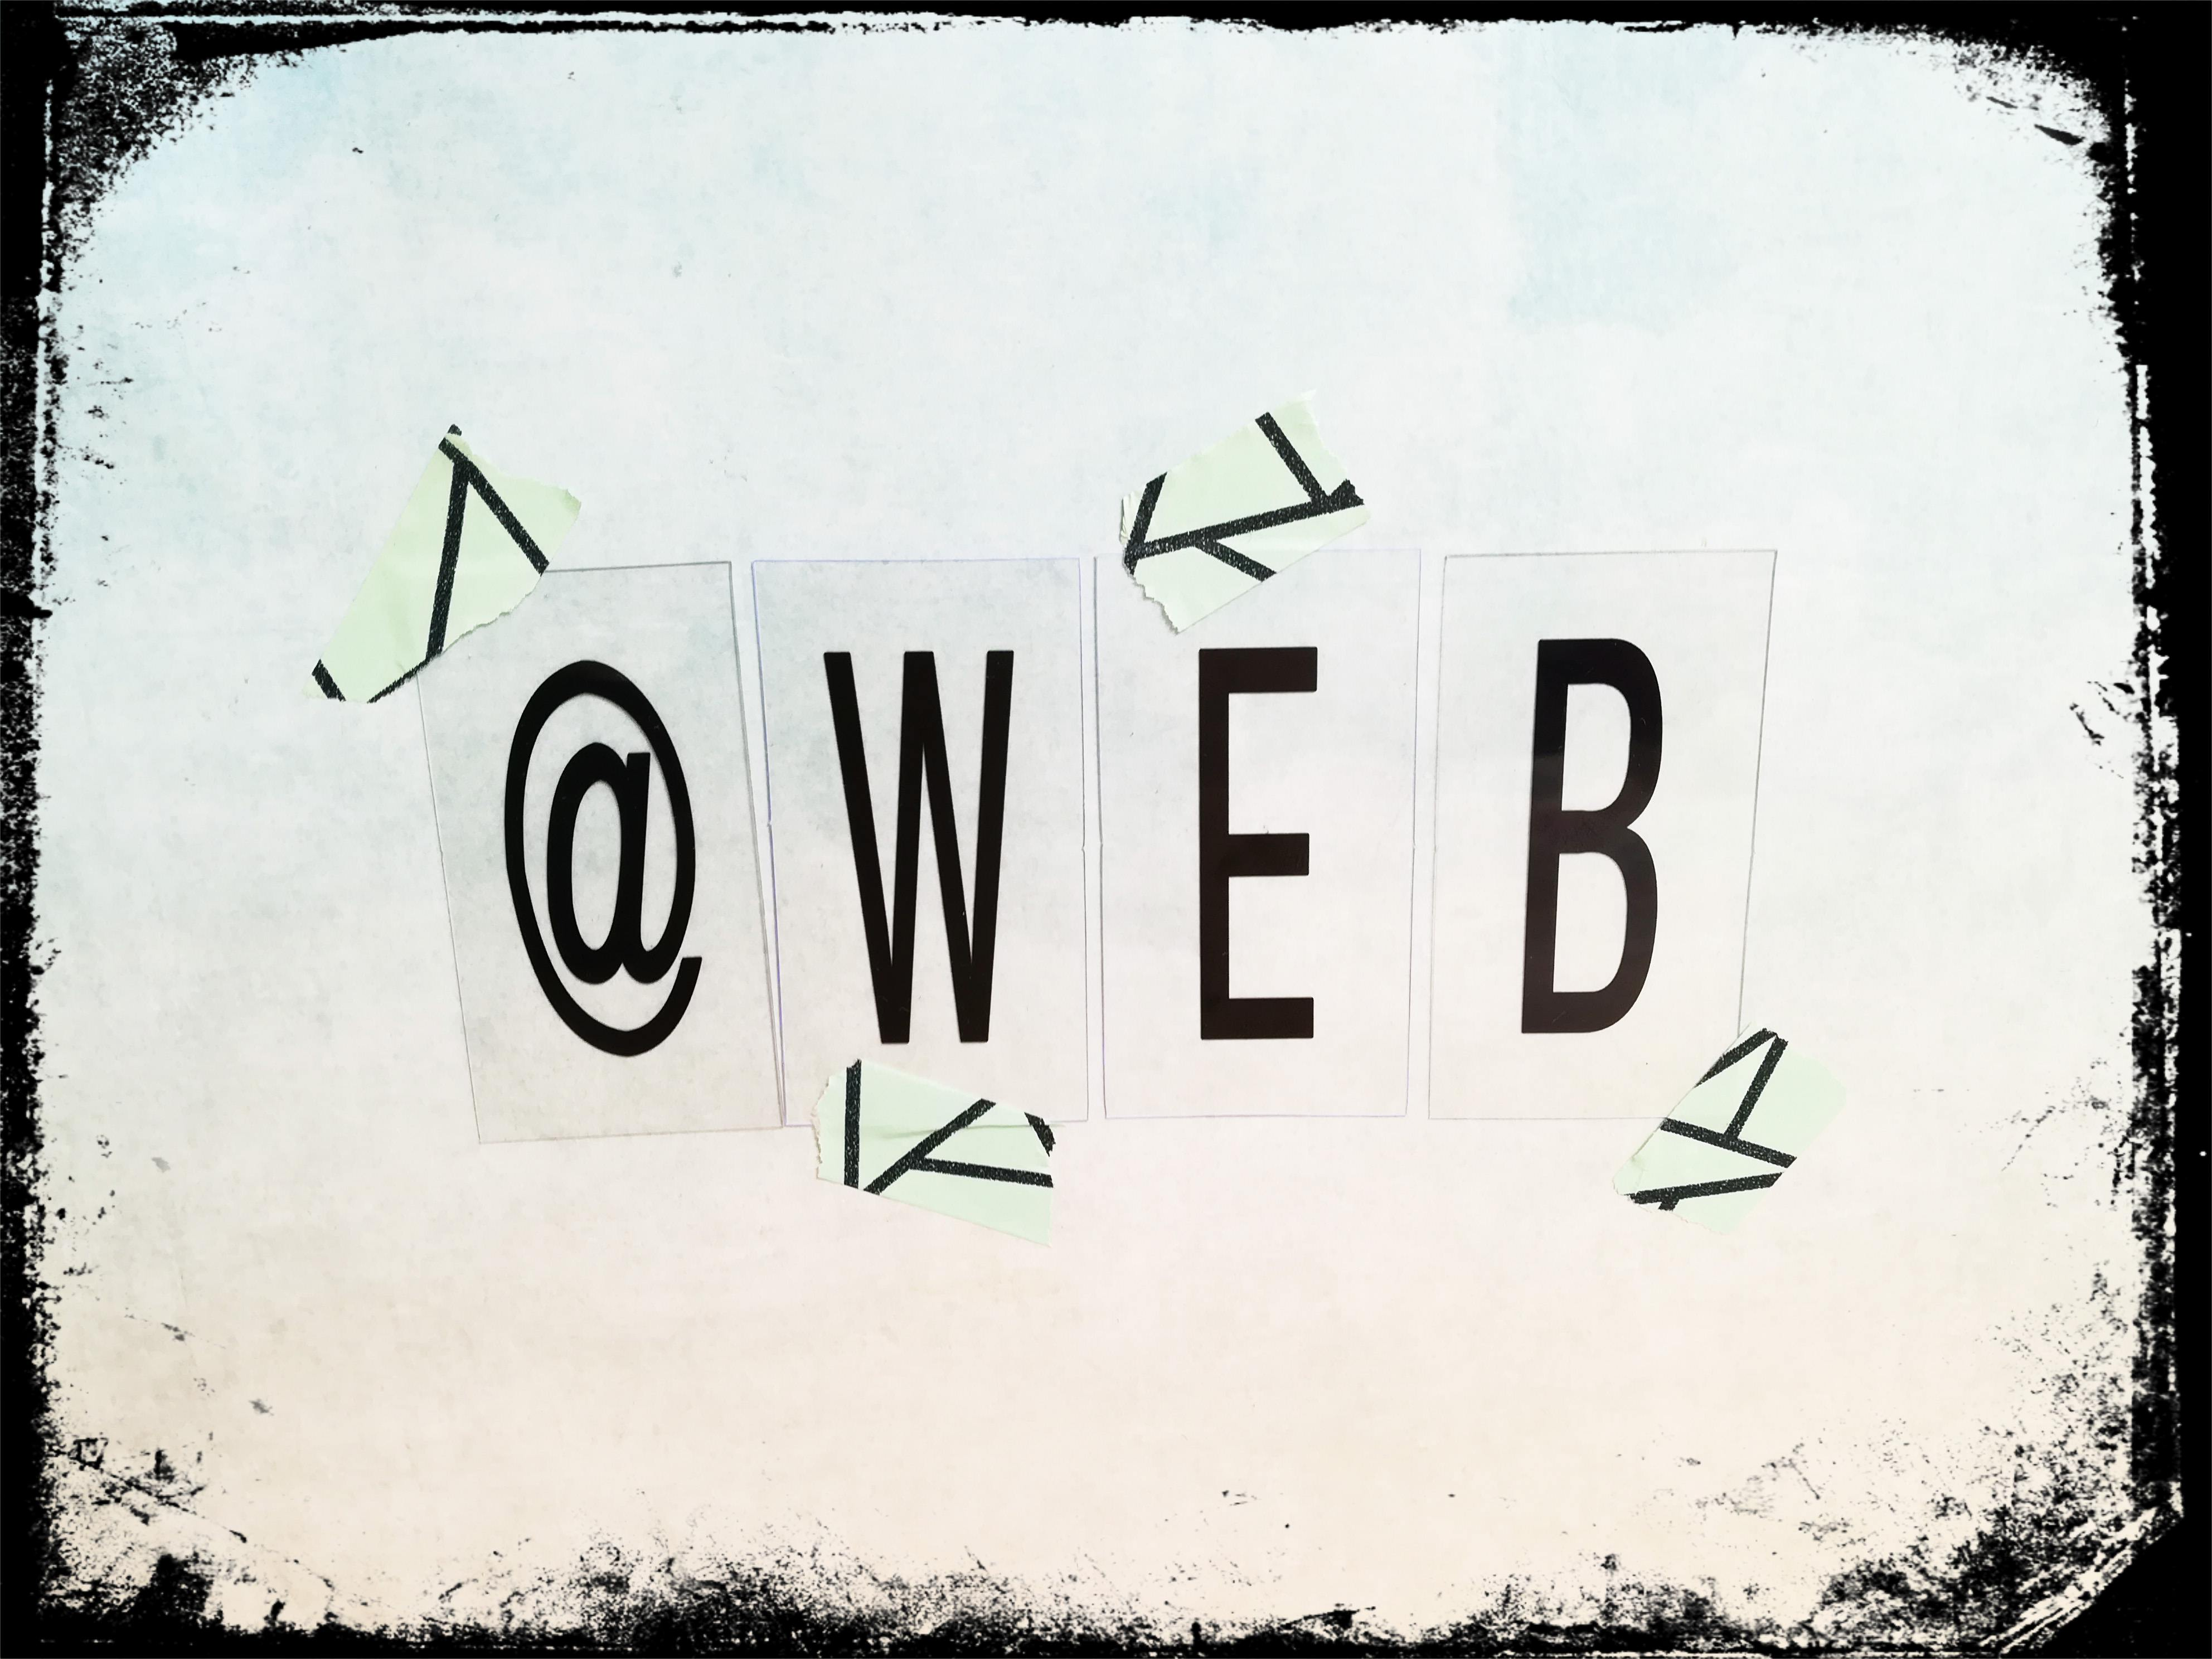 Web -Texte schreiben: Wie geht das? (Teil 1)